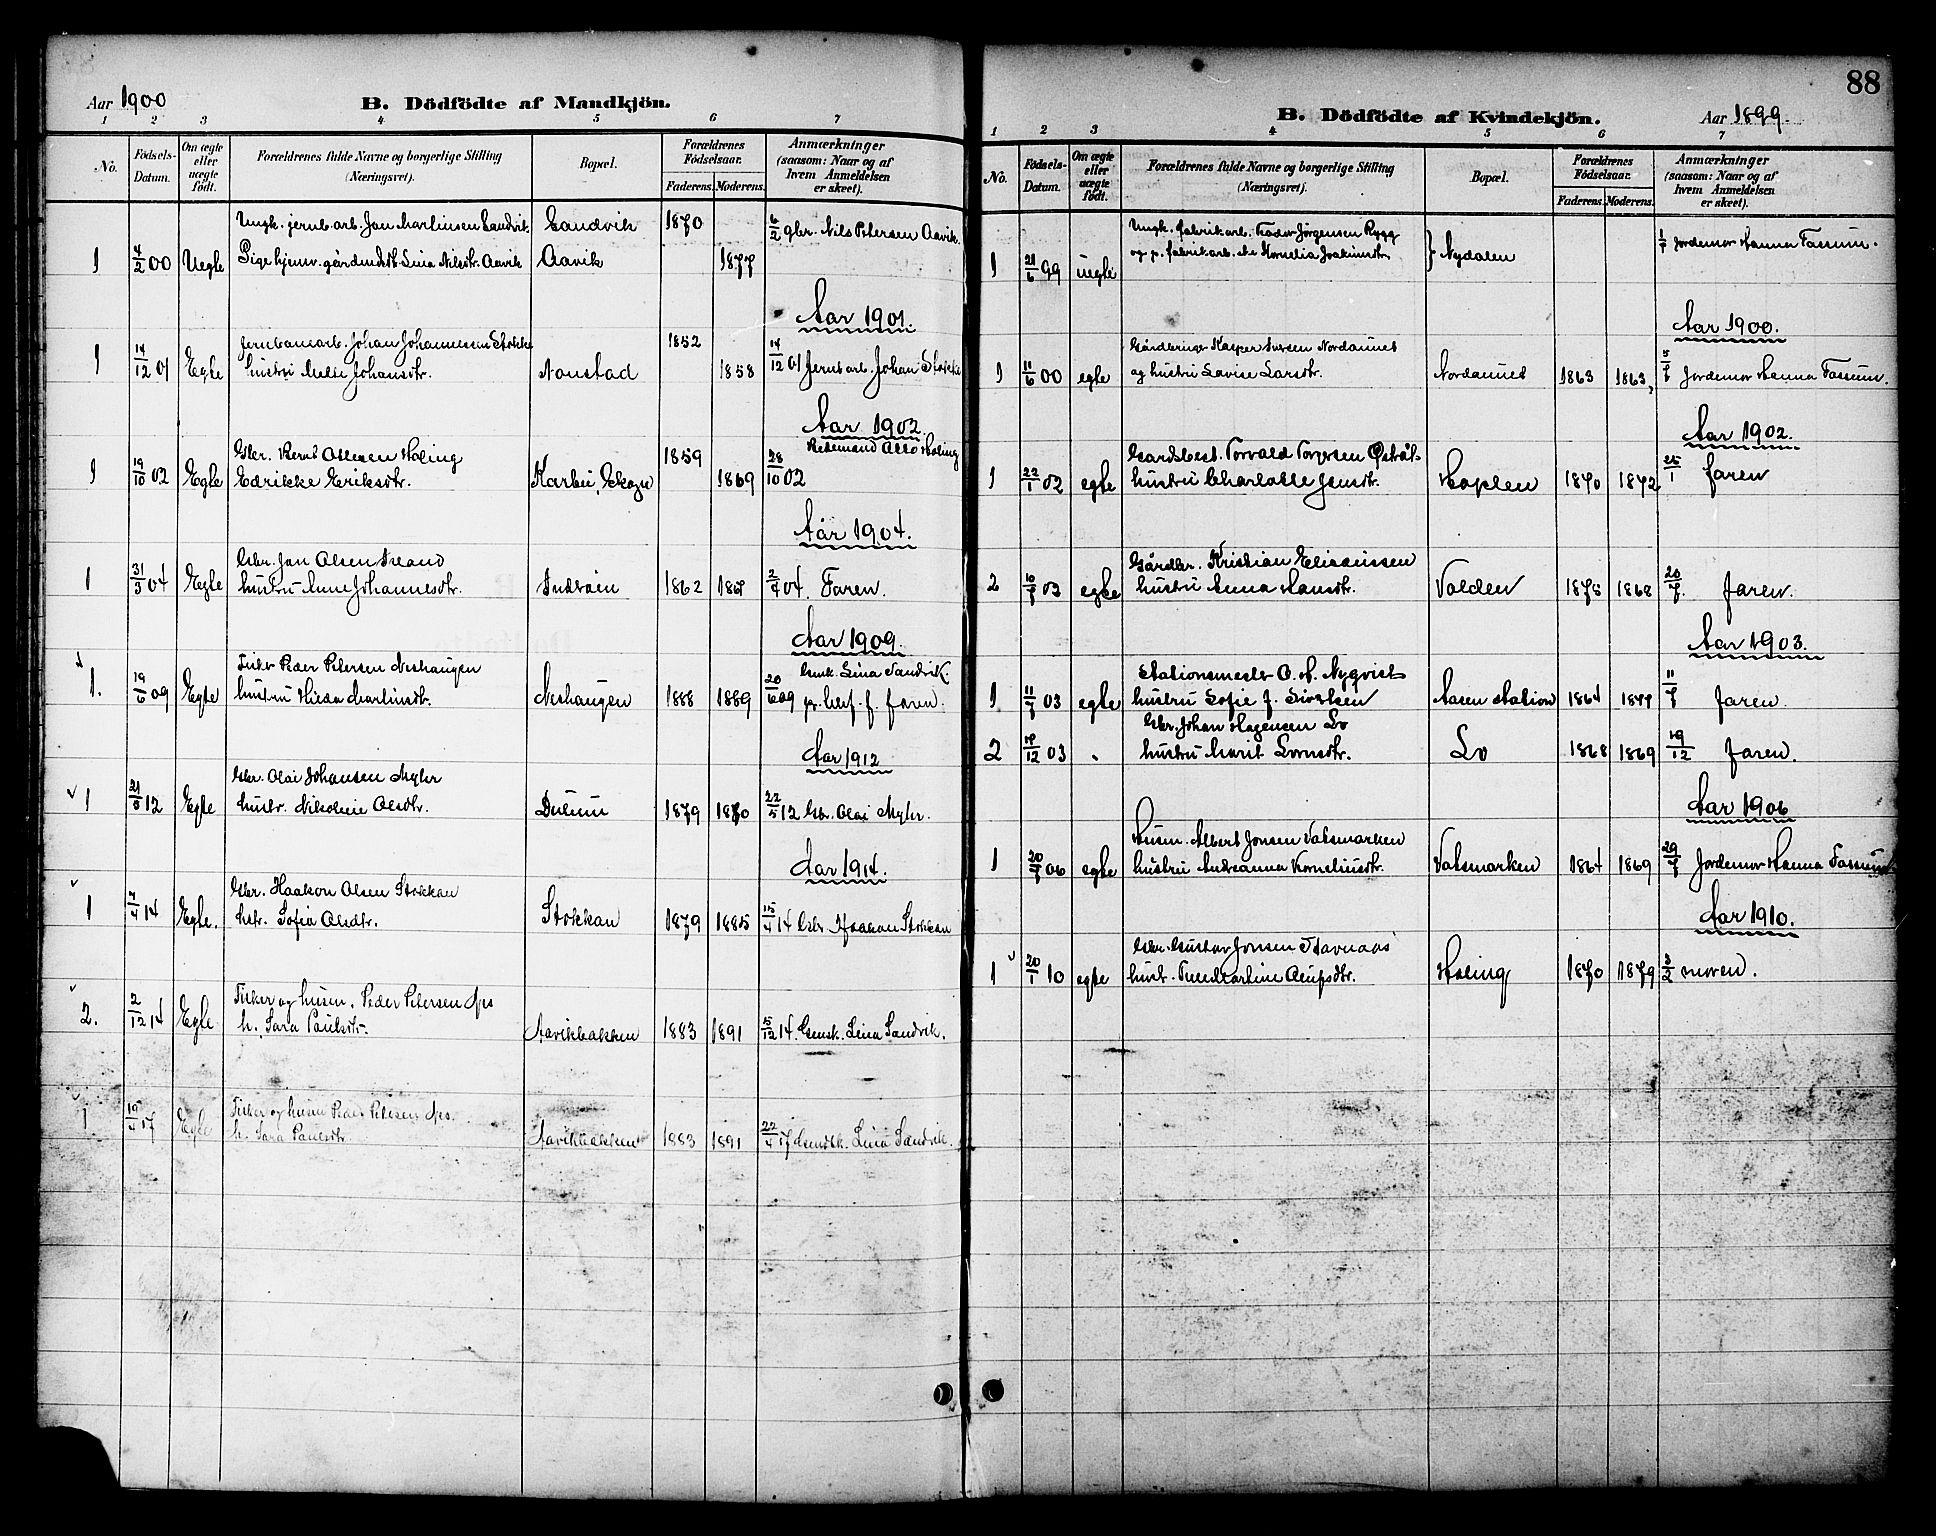 SAT, Ministerialprotokoller, klokkerbøker og fødselsregistre - Nord-Trøndelag, 714/L0135: Klokkerbok nr. 714C04, 1899-1918, s. 88